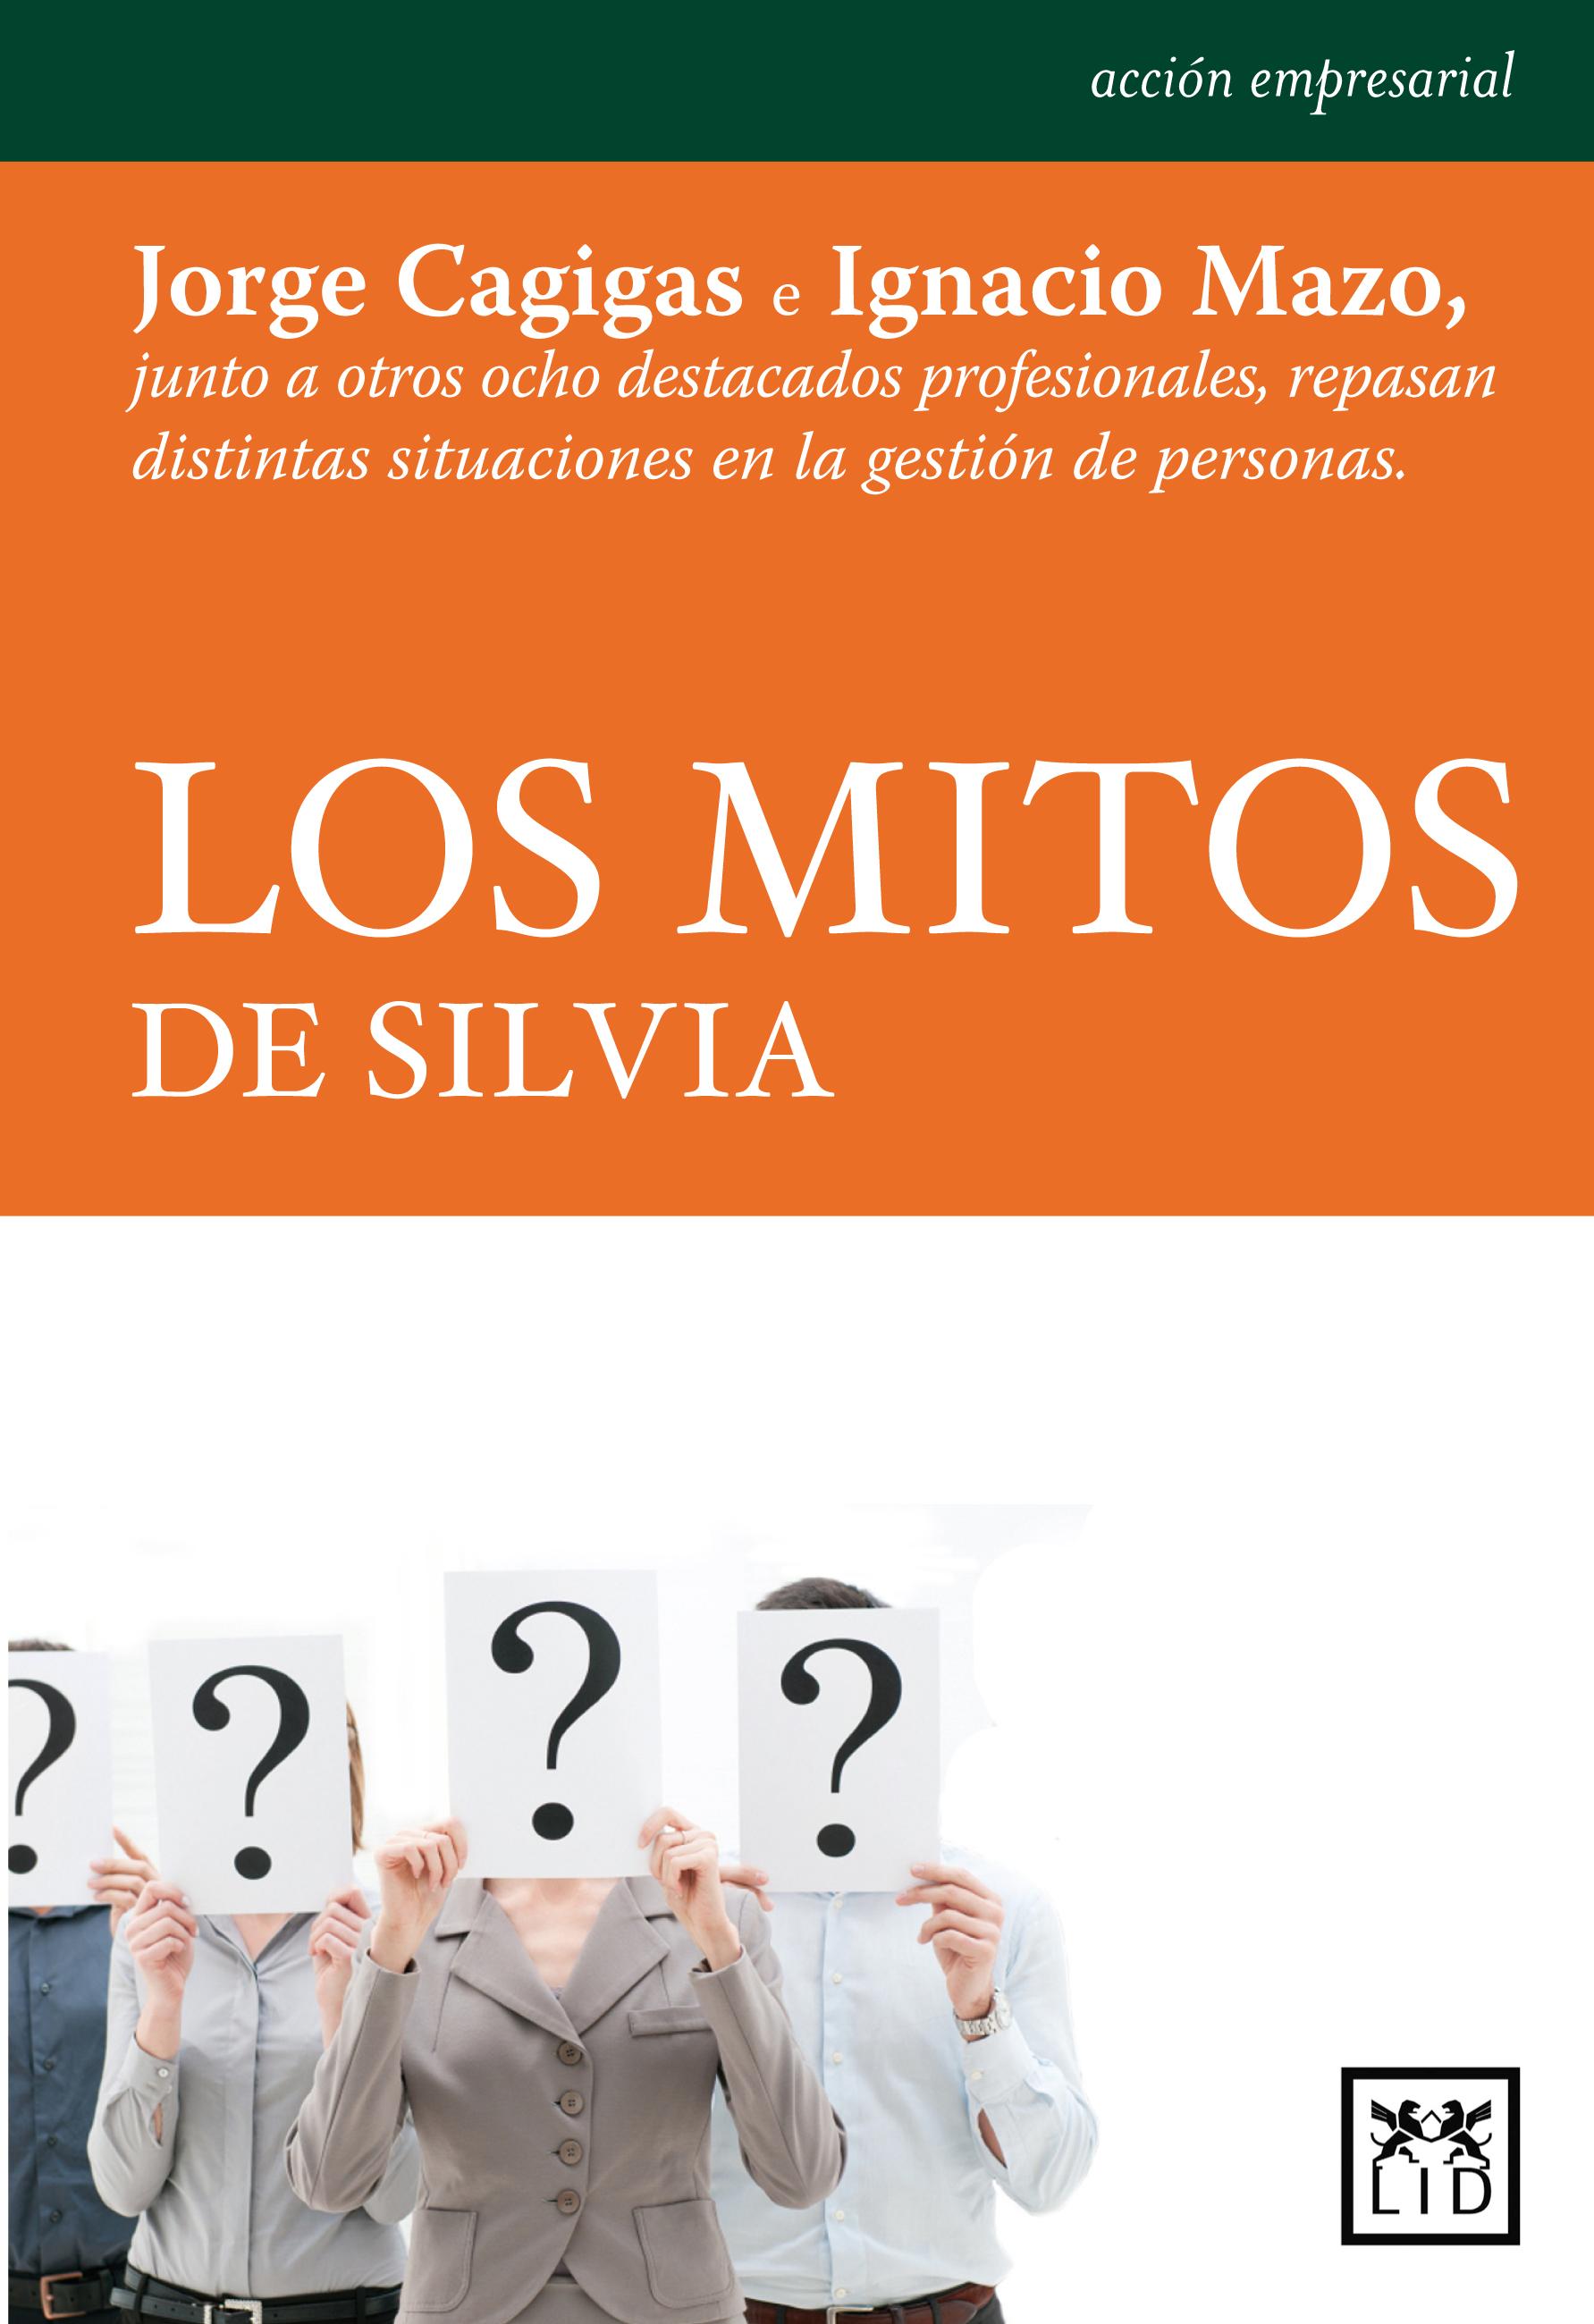 Cub_Los mitos de Silvia_MaquetaciÛn 1